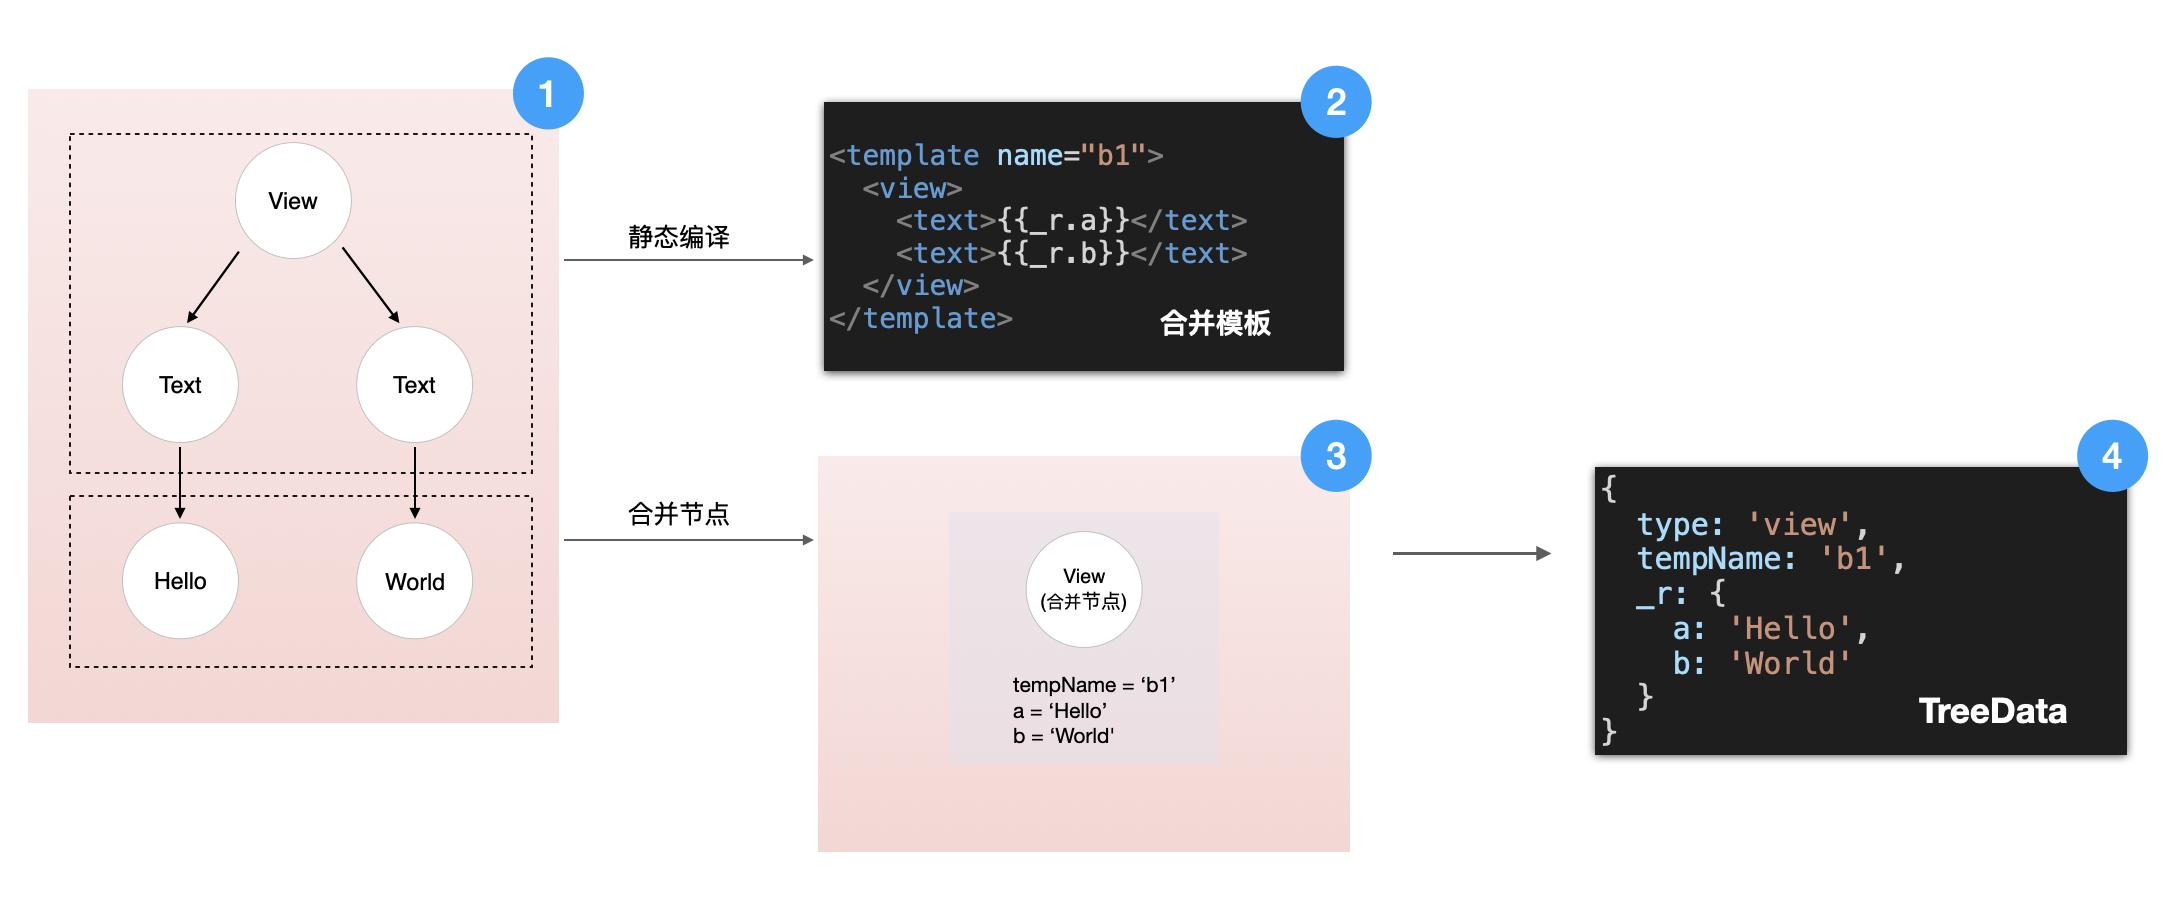 图4 静态编译合并树节点原理图-1